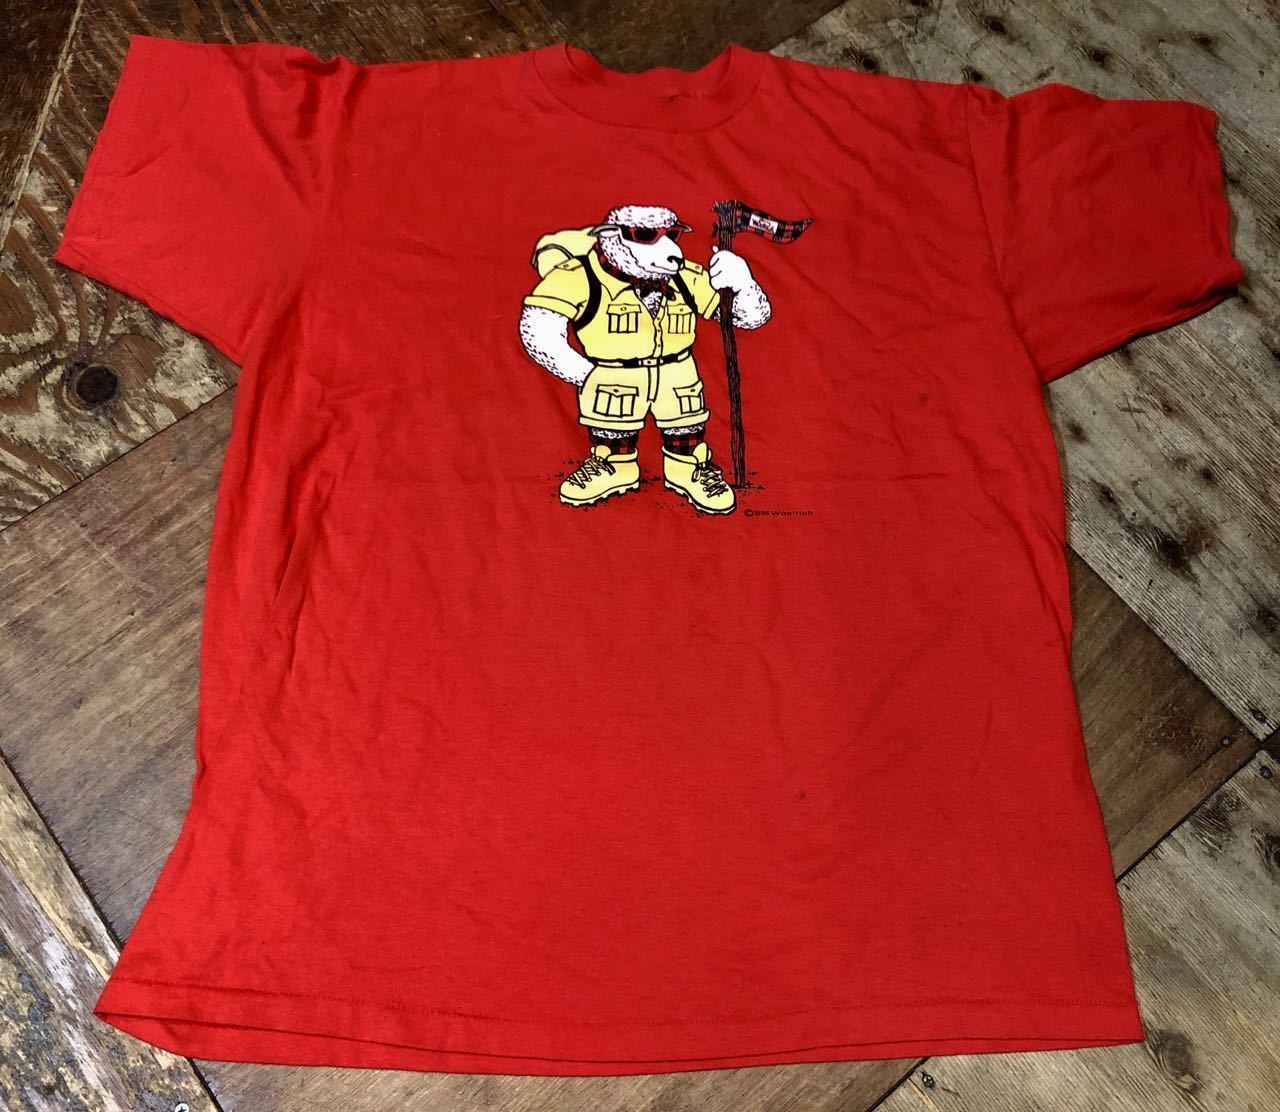 7月24日(金)入荷!80s RARE WOOL RICH Tシャツ!MADE IN U.S.A all cotton 2枚_c0144020_17064230.jpg